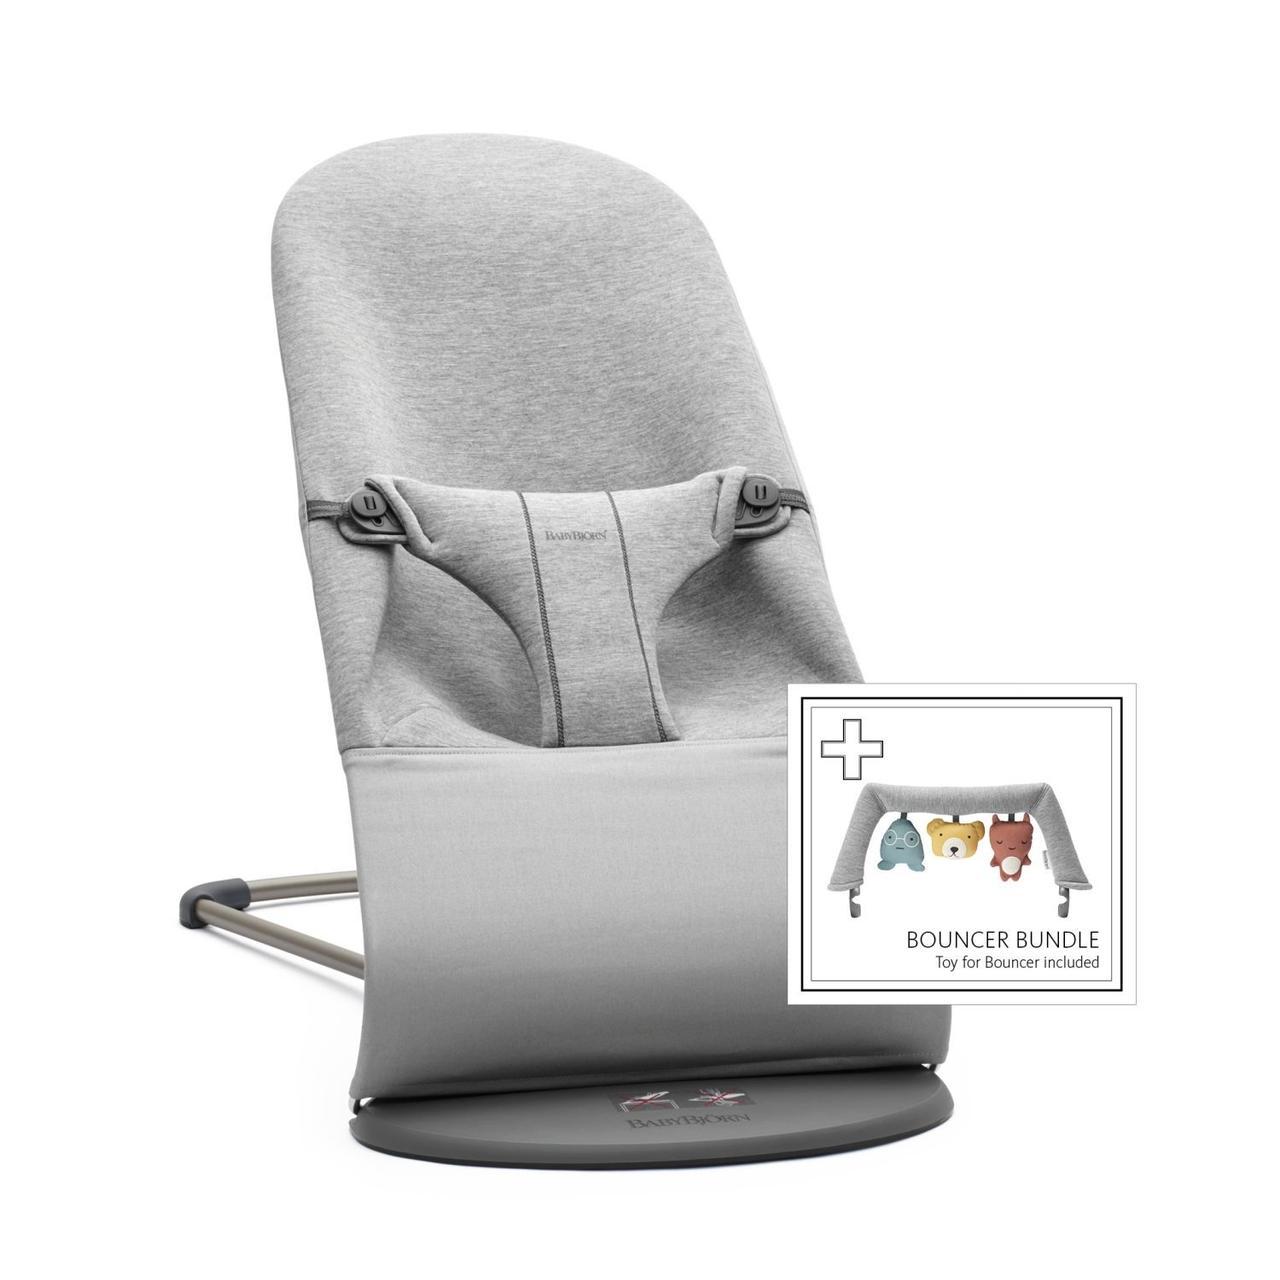 BABYBJORN - Кресло-шезлонг BLISS 3D Jersey + игрушка Soft Friends